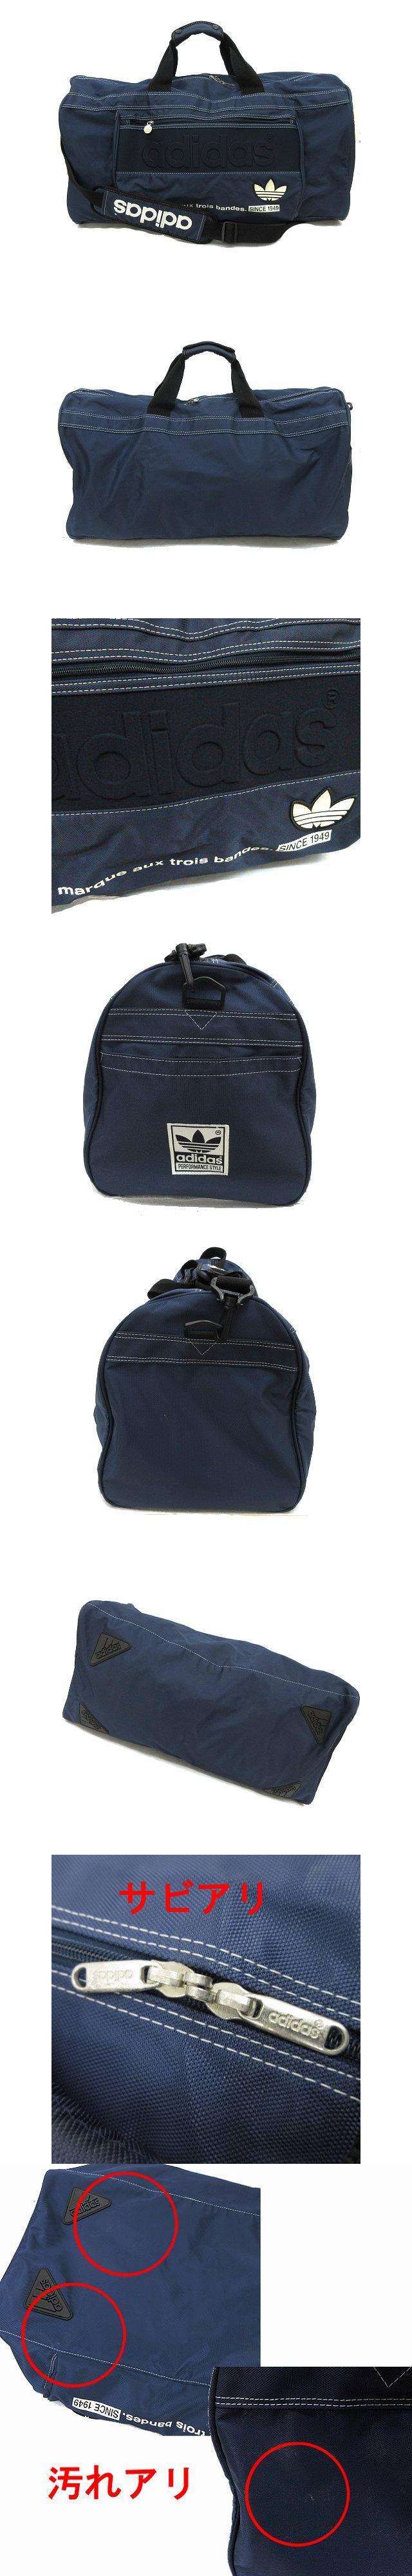 ボストンバッグ スポーツバッグ 2way ショルダー 大容量 ダッフルバッグ ナイロン ACE製 旅行 合宿 遠征 紺 ネイビー K13758